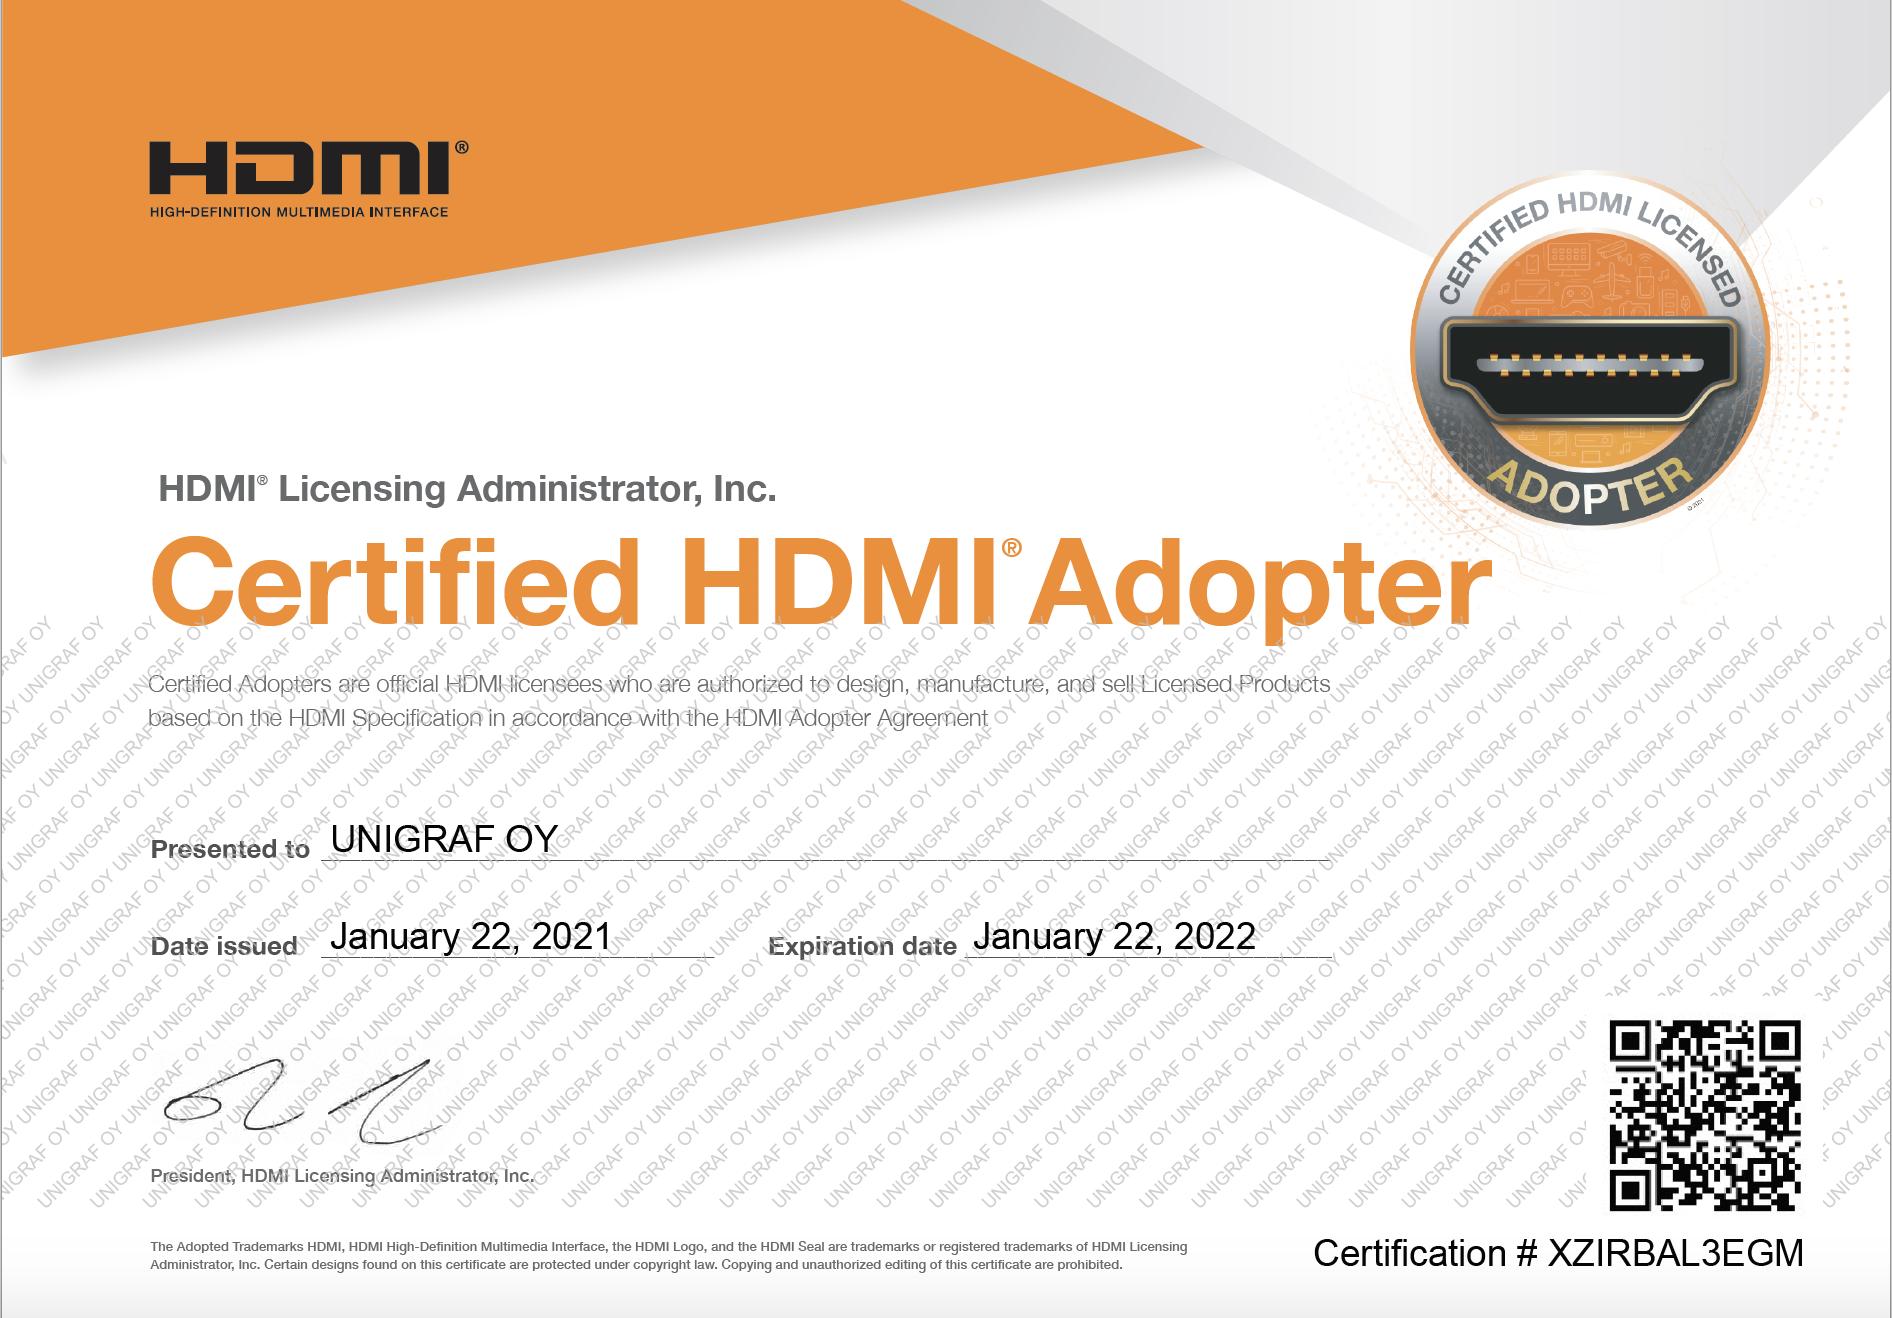 HDMI certificate